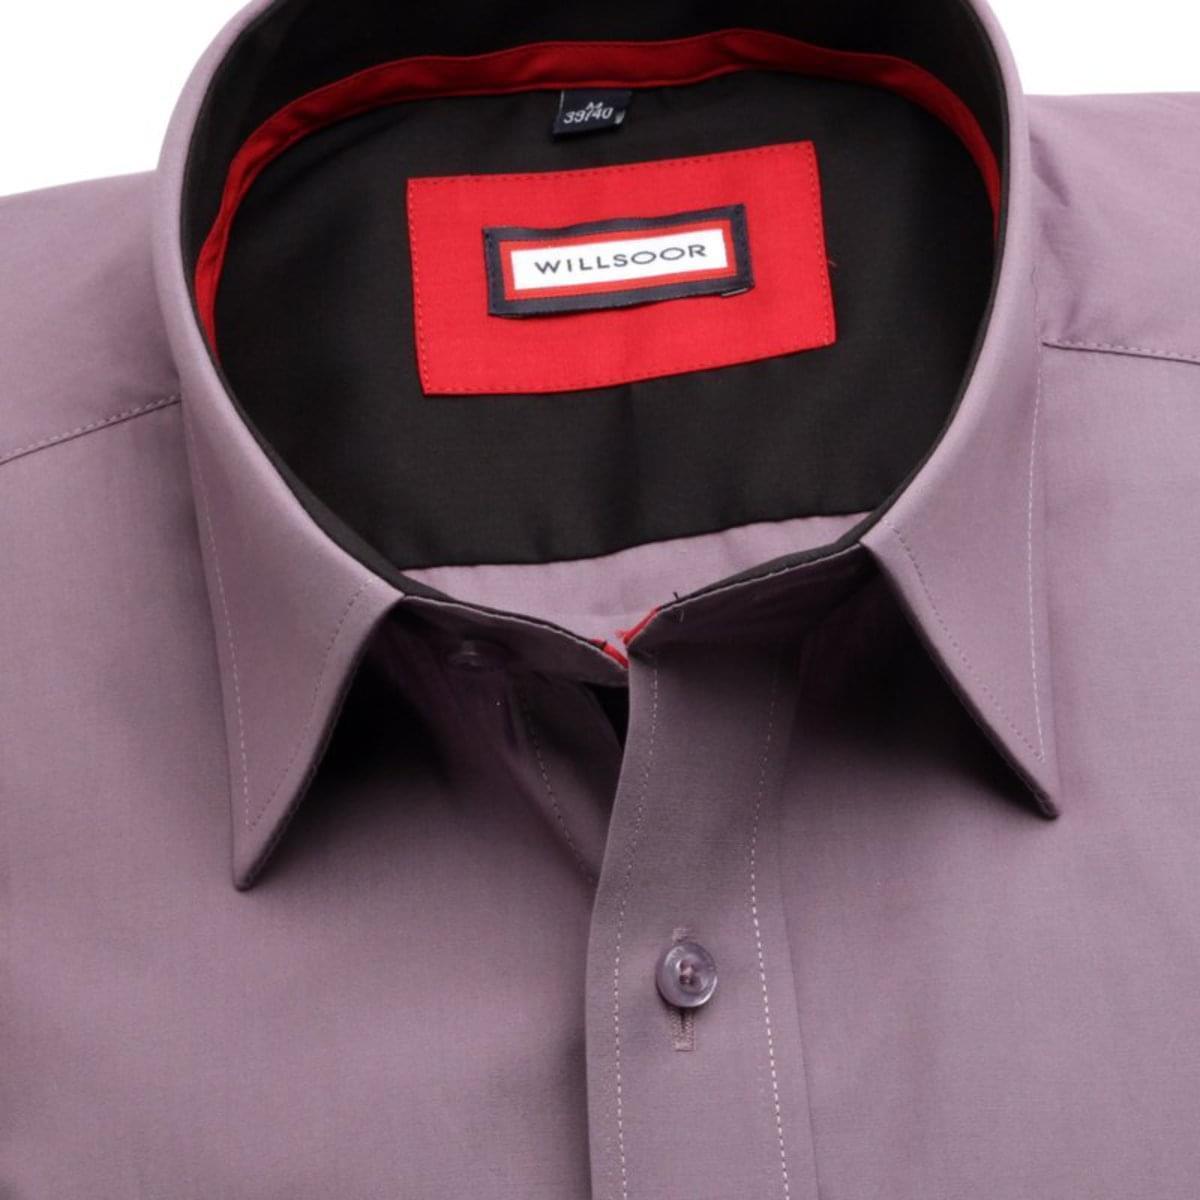 Pánská slim fit košile (výška 188-194) 7676 ve fialkové barvě s úpravou easy care 188-194 / L (41/42)